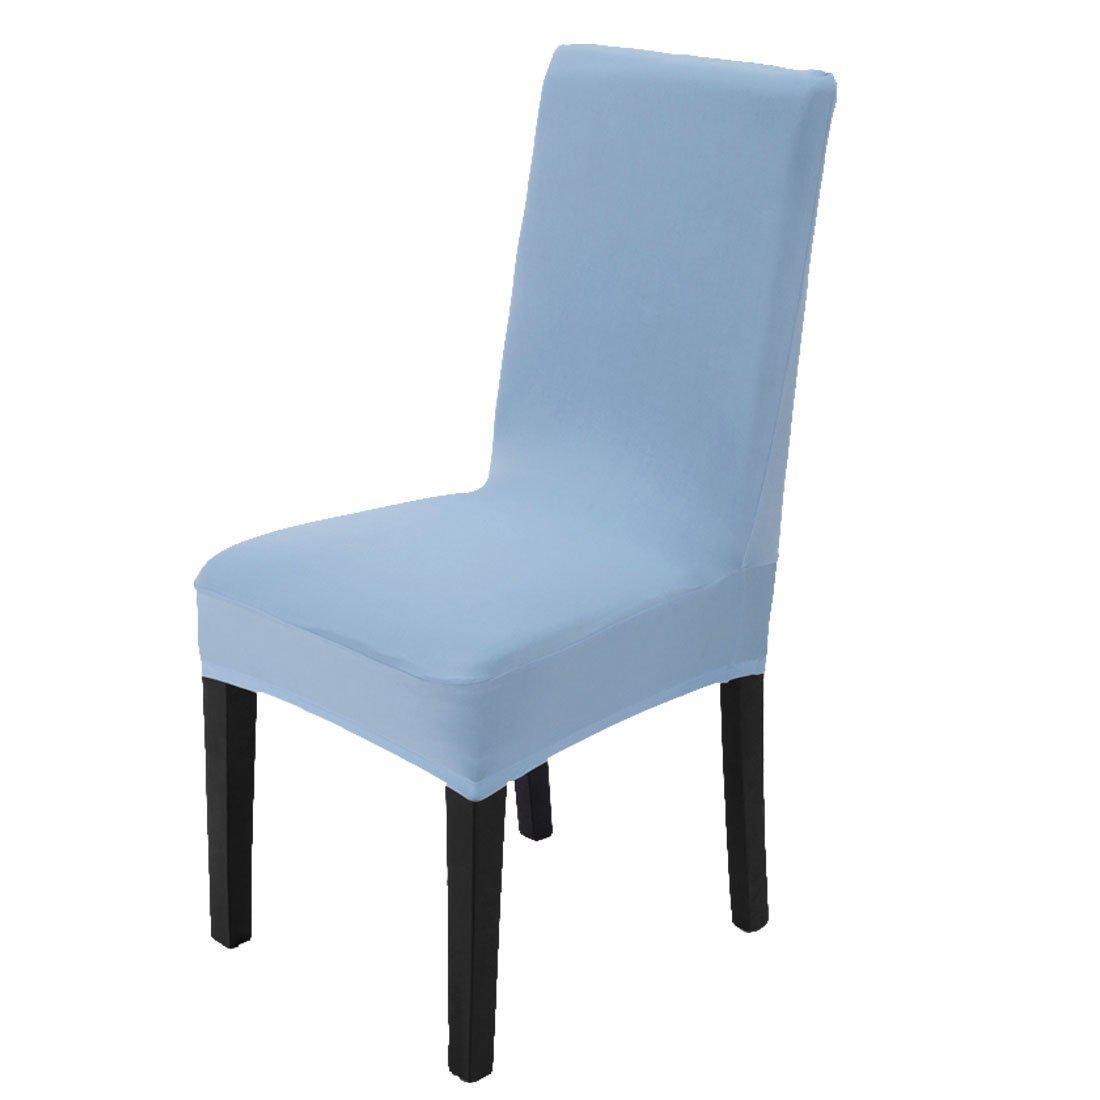 Maikehome - Rivestimento elastico per sedia da pranzo, in elastam; per hotel, cucine, ristoranti, matrimoni, feste e decorazioni; colori in tinta unita Brown